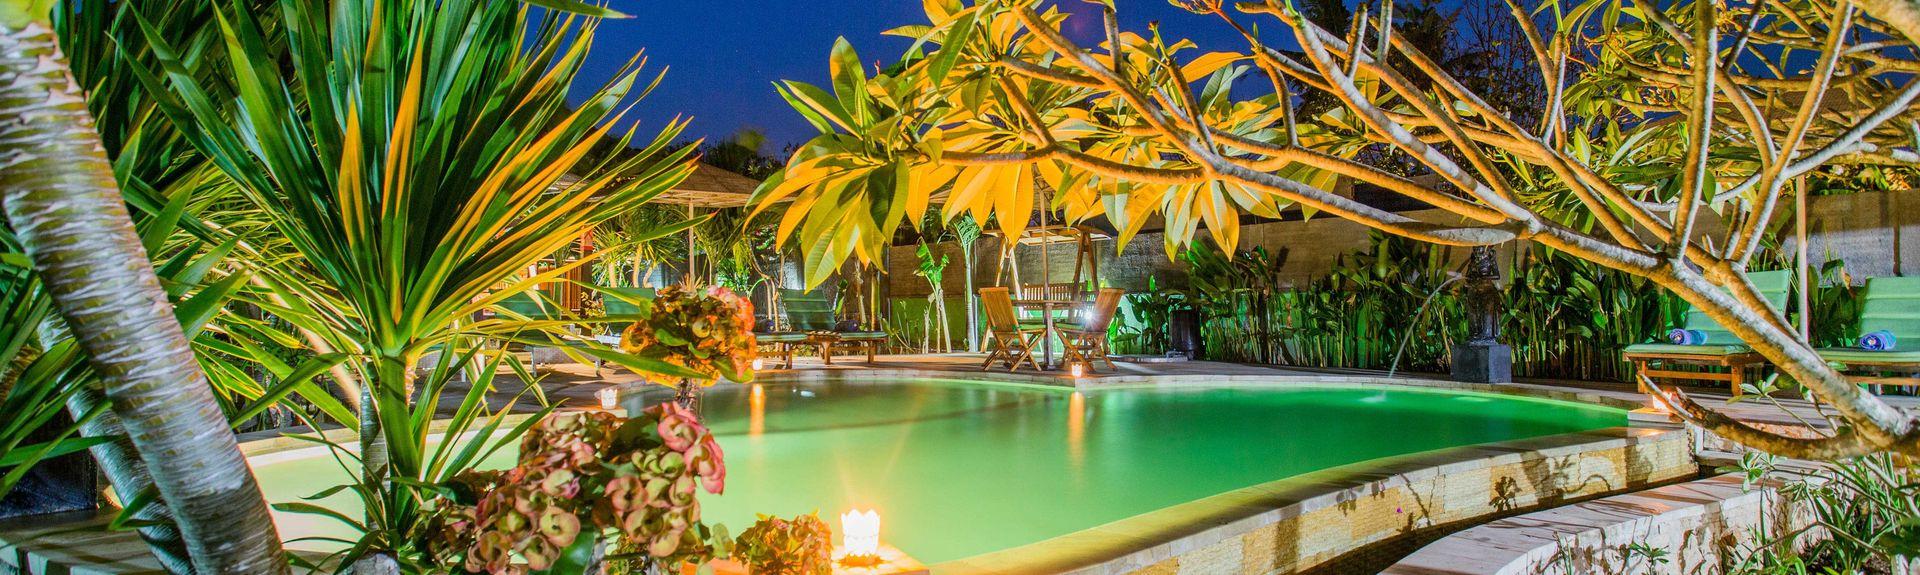 Blahbatuh, Bali, Indonesien